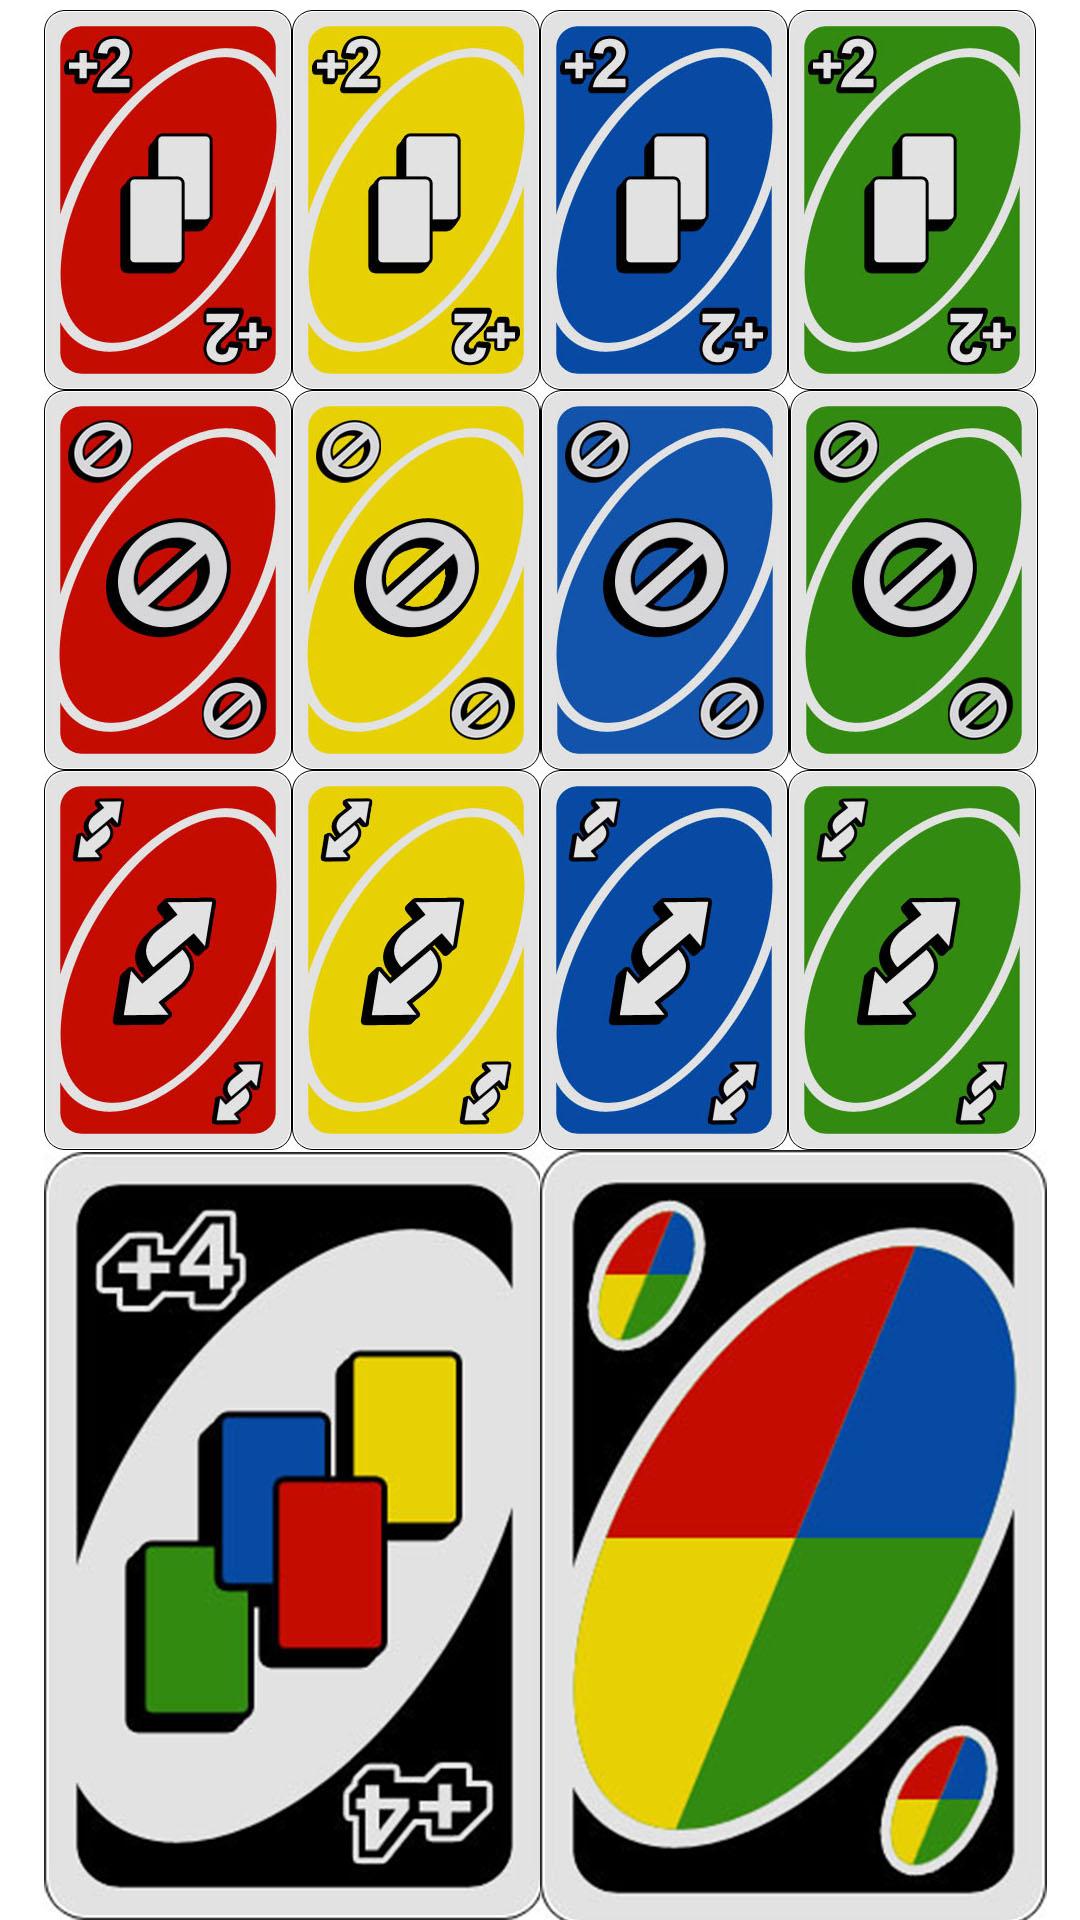 išmokti koduoti prekybos kortų žaidimų mūšio sistemą)